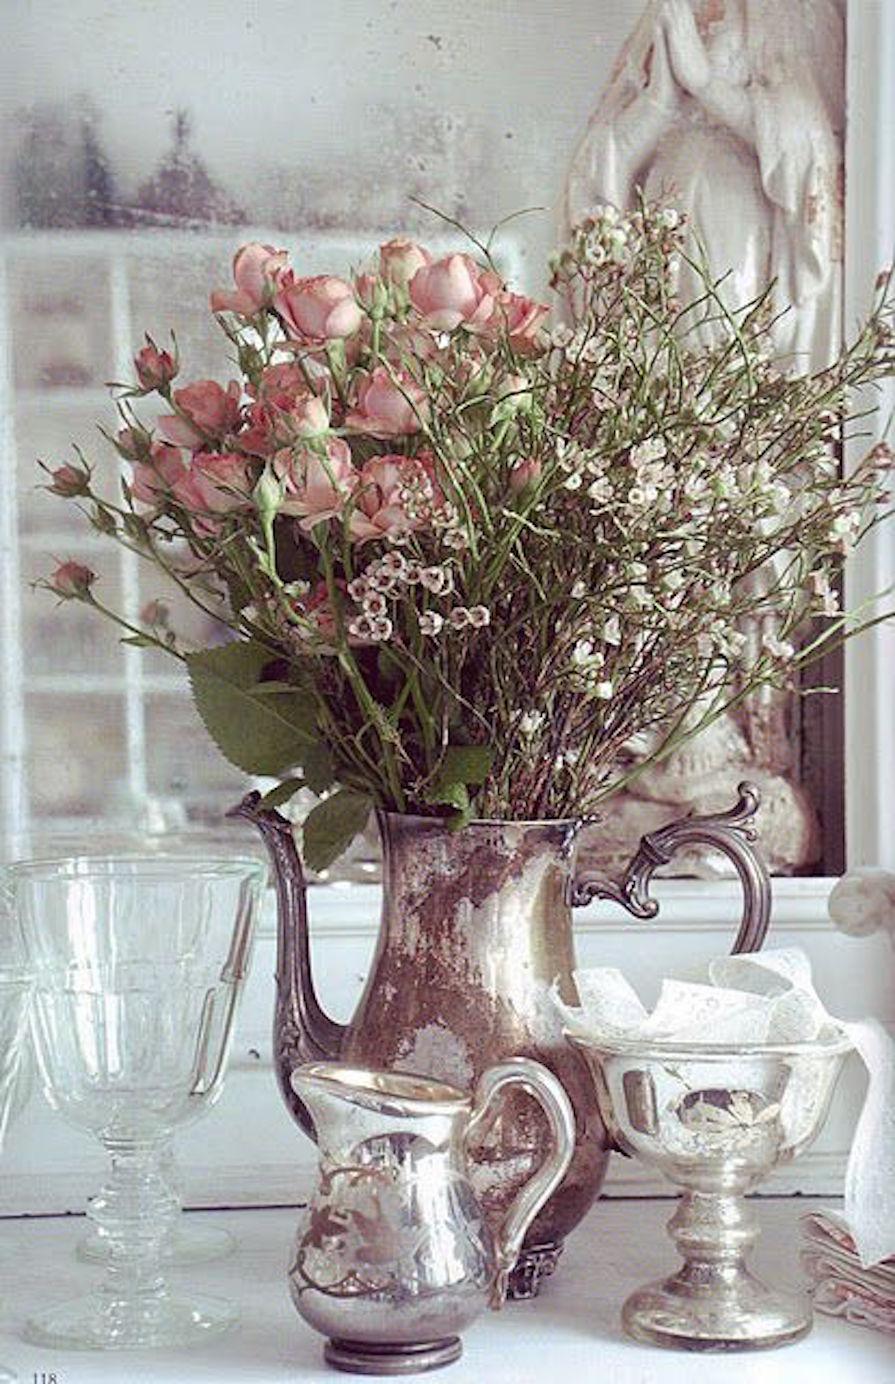 jarras-e-garrafas-como-vasos-inspiracao-danielle-noce-2